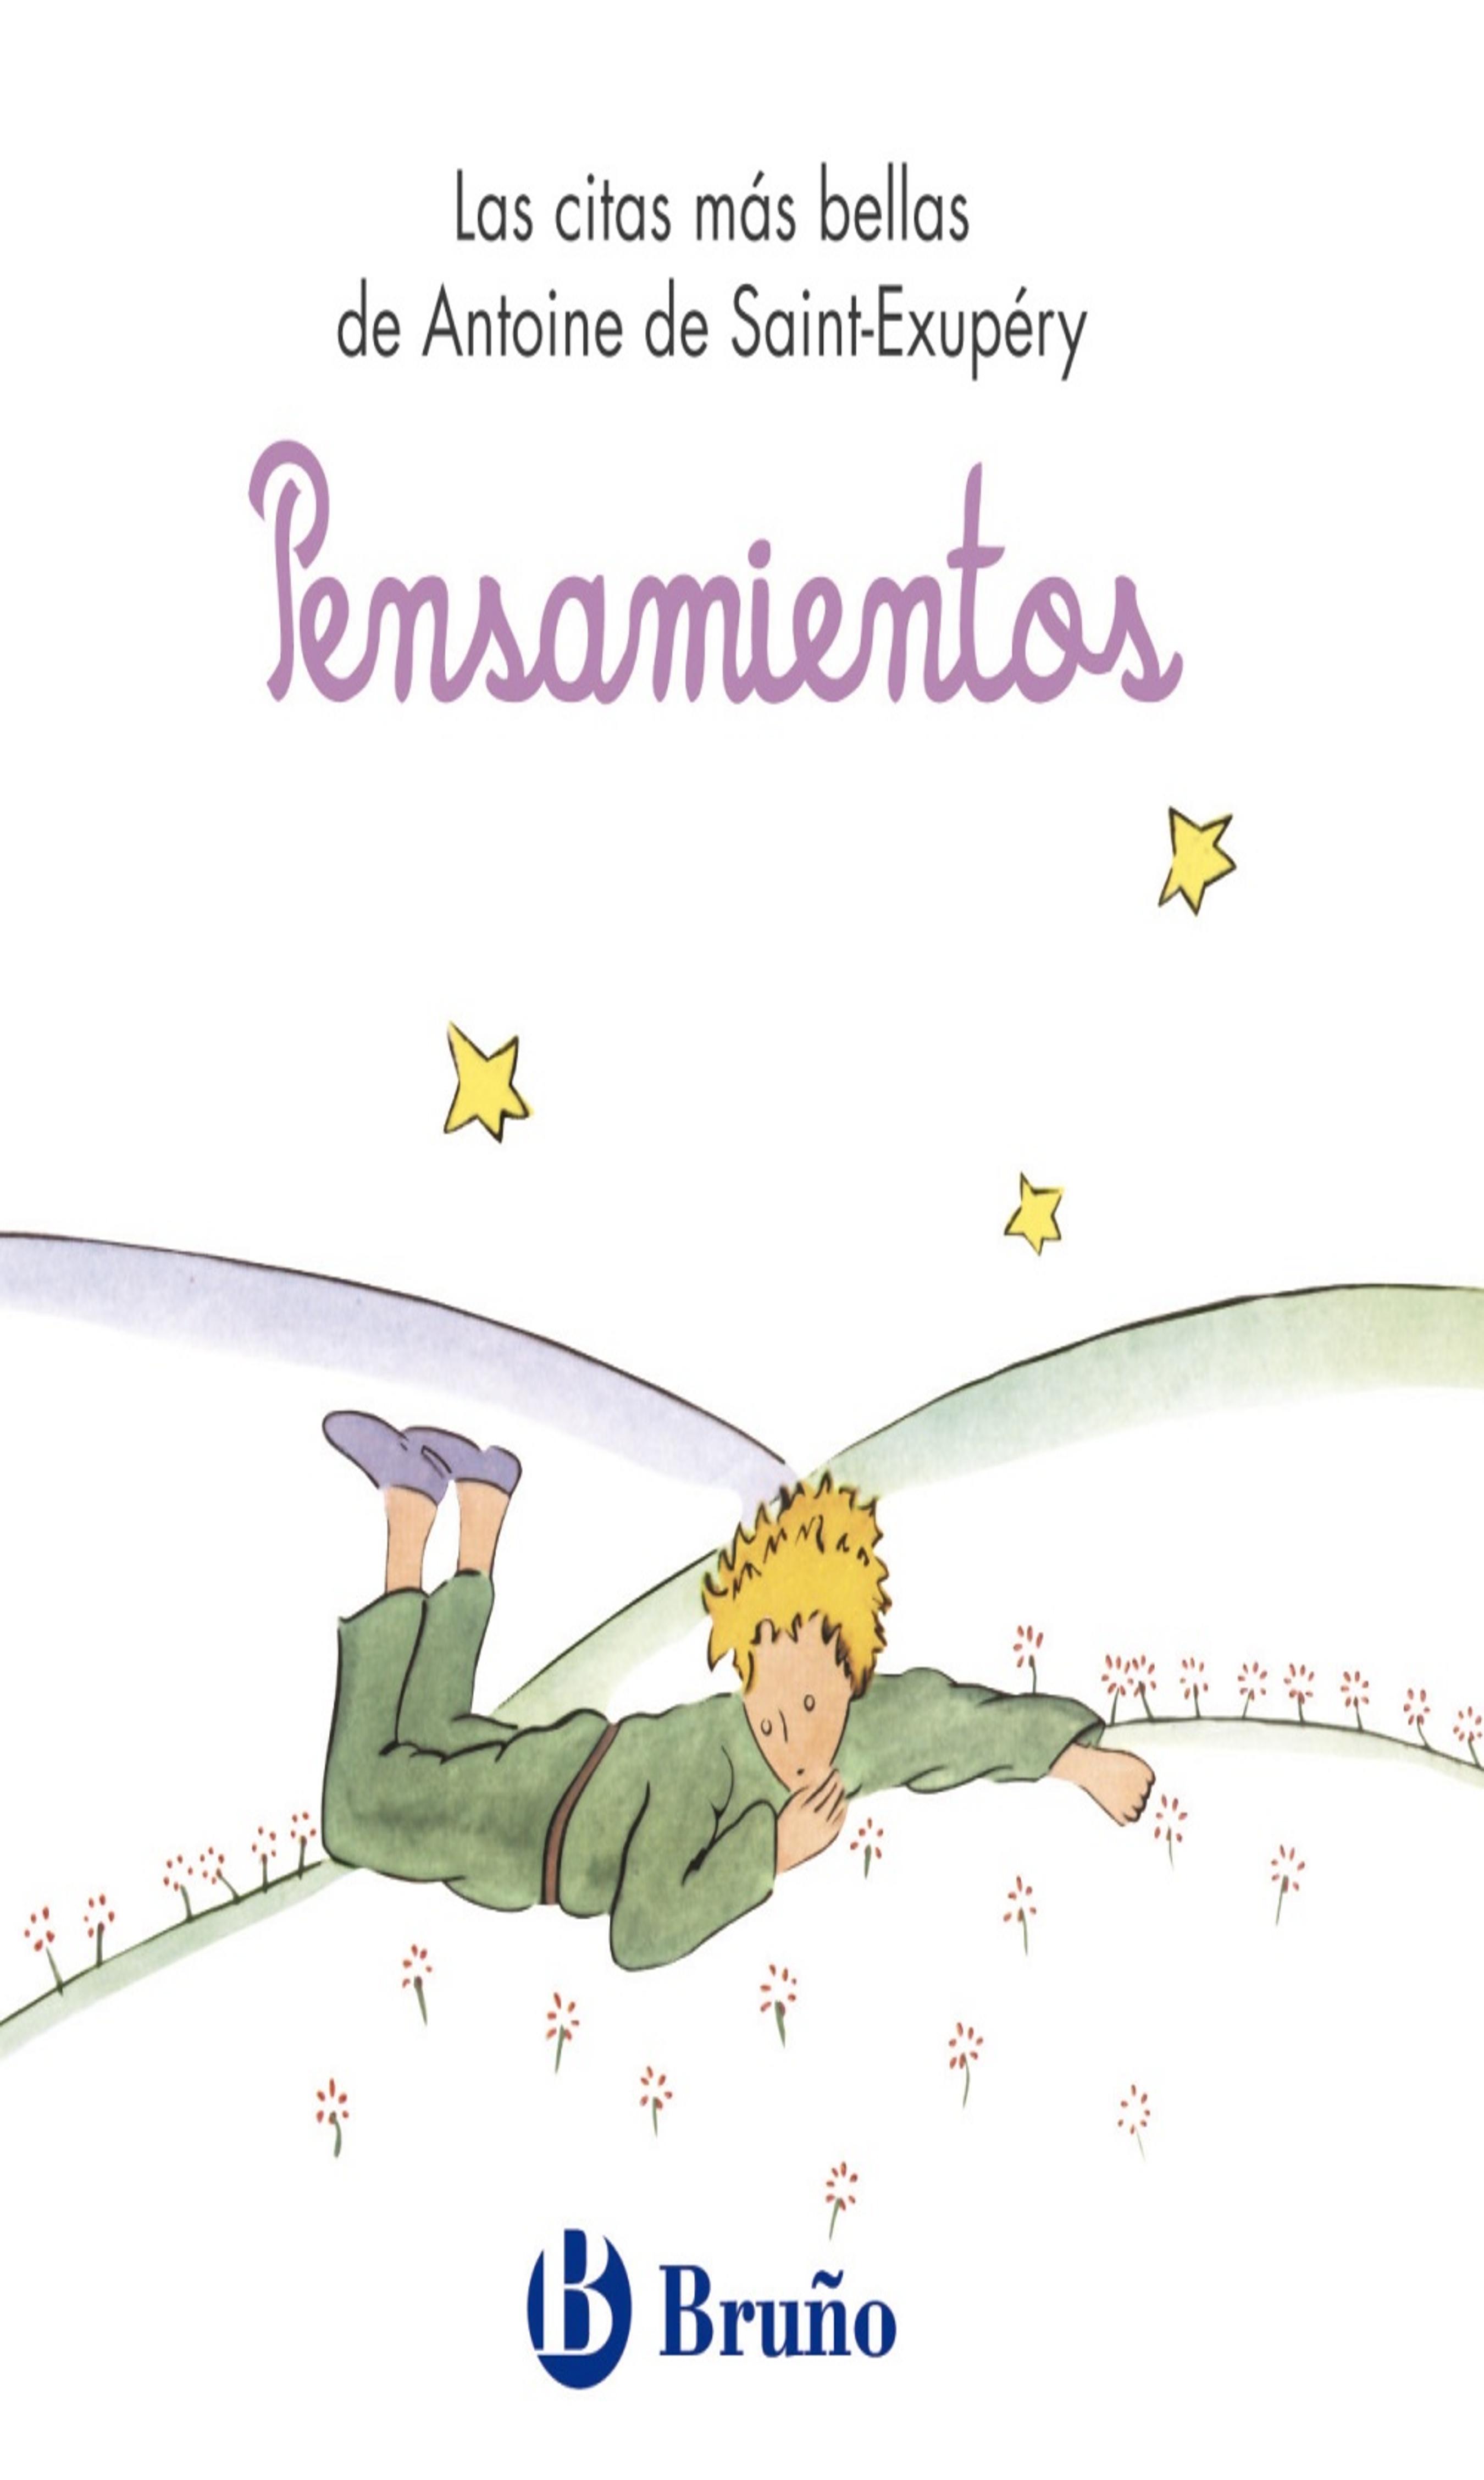 PENSAMIENTOS - Principito